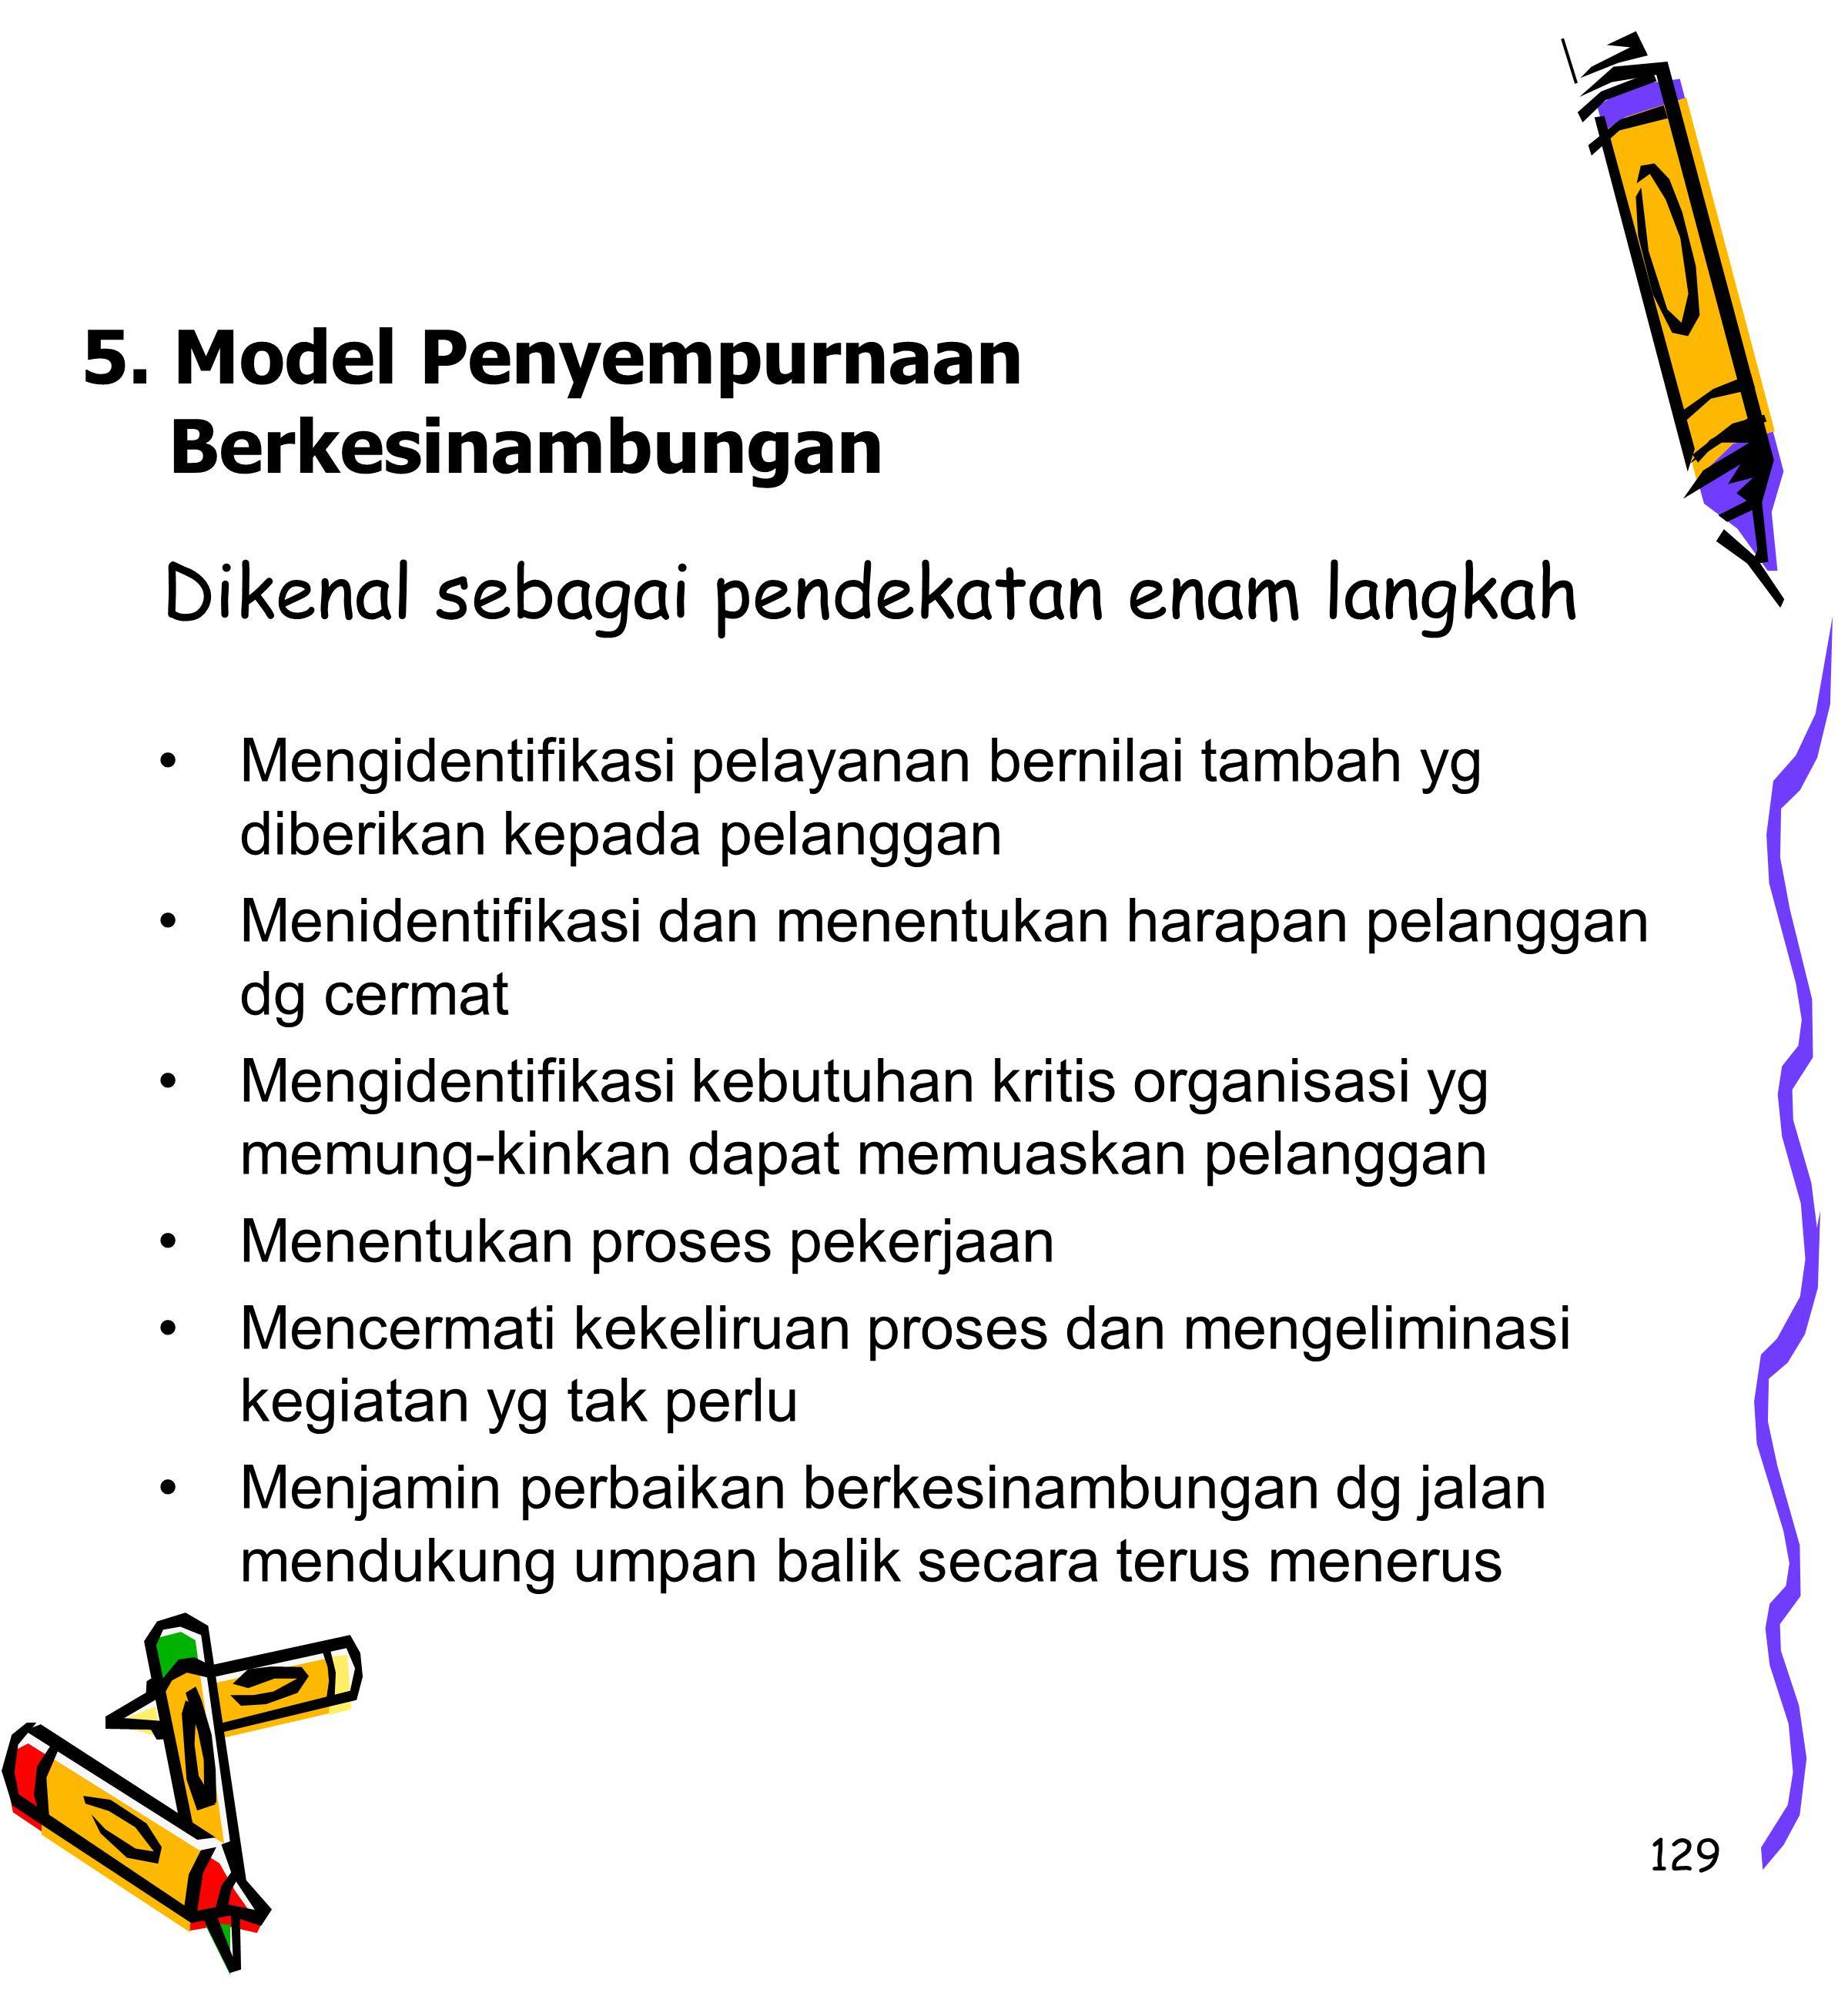 5. Model Penyempurnaan Berkesinambungan